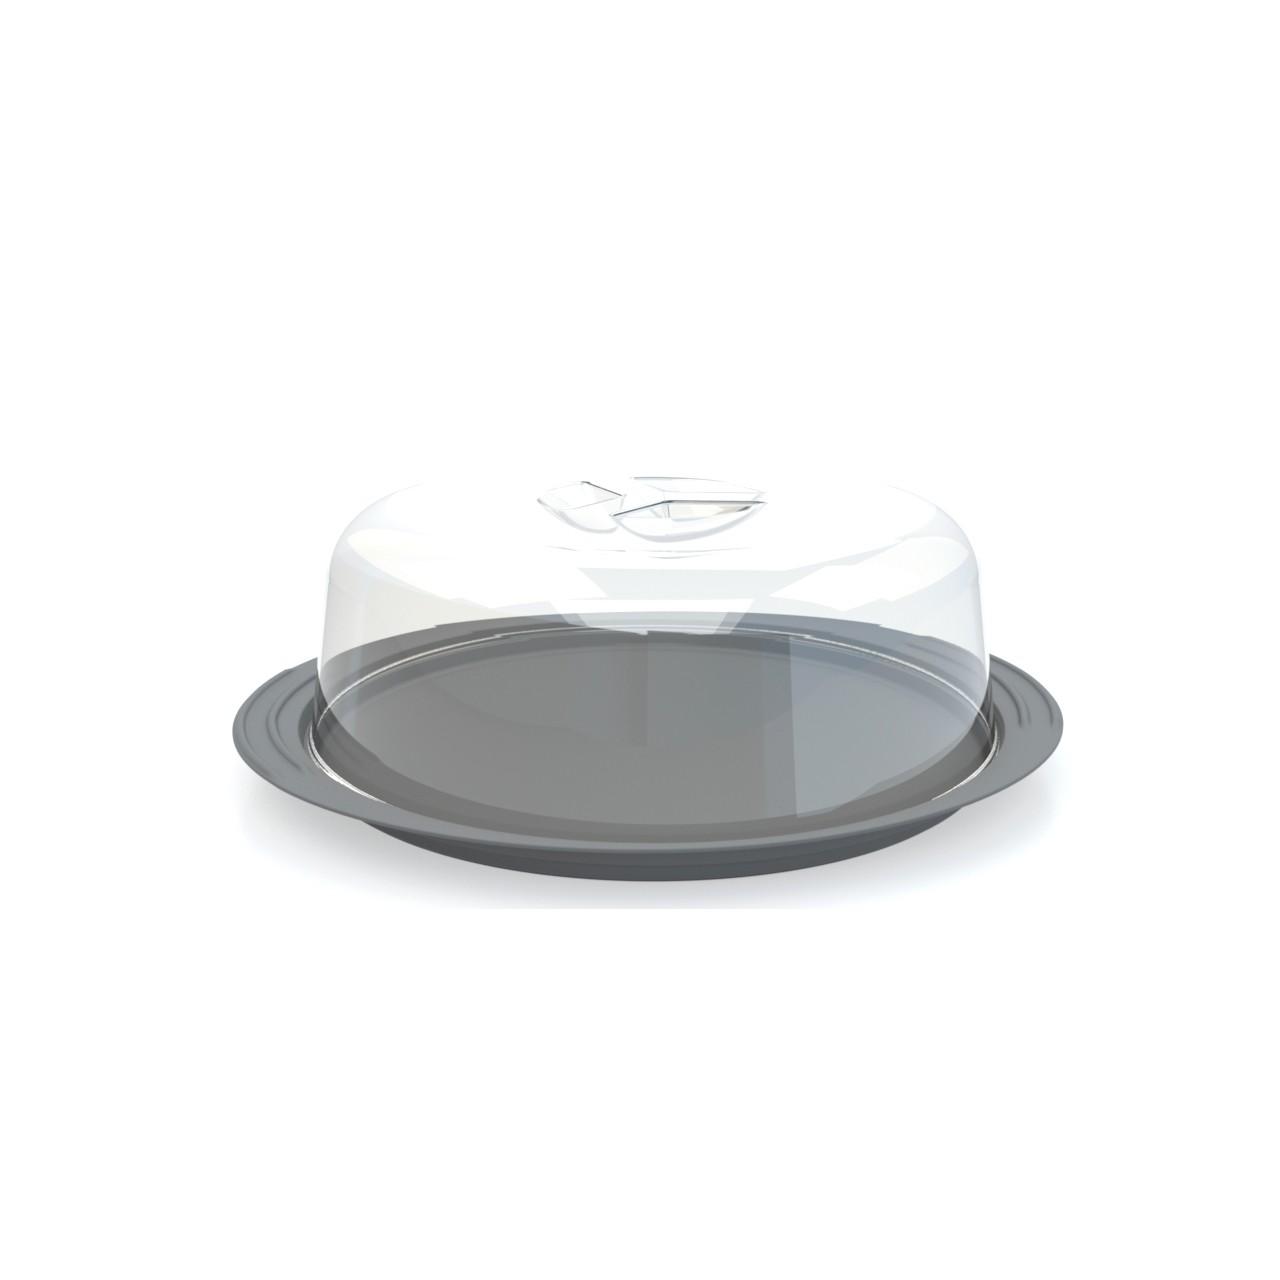 Boleiro Plastico 31cm Cinza - Utility